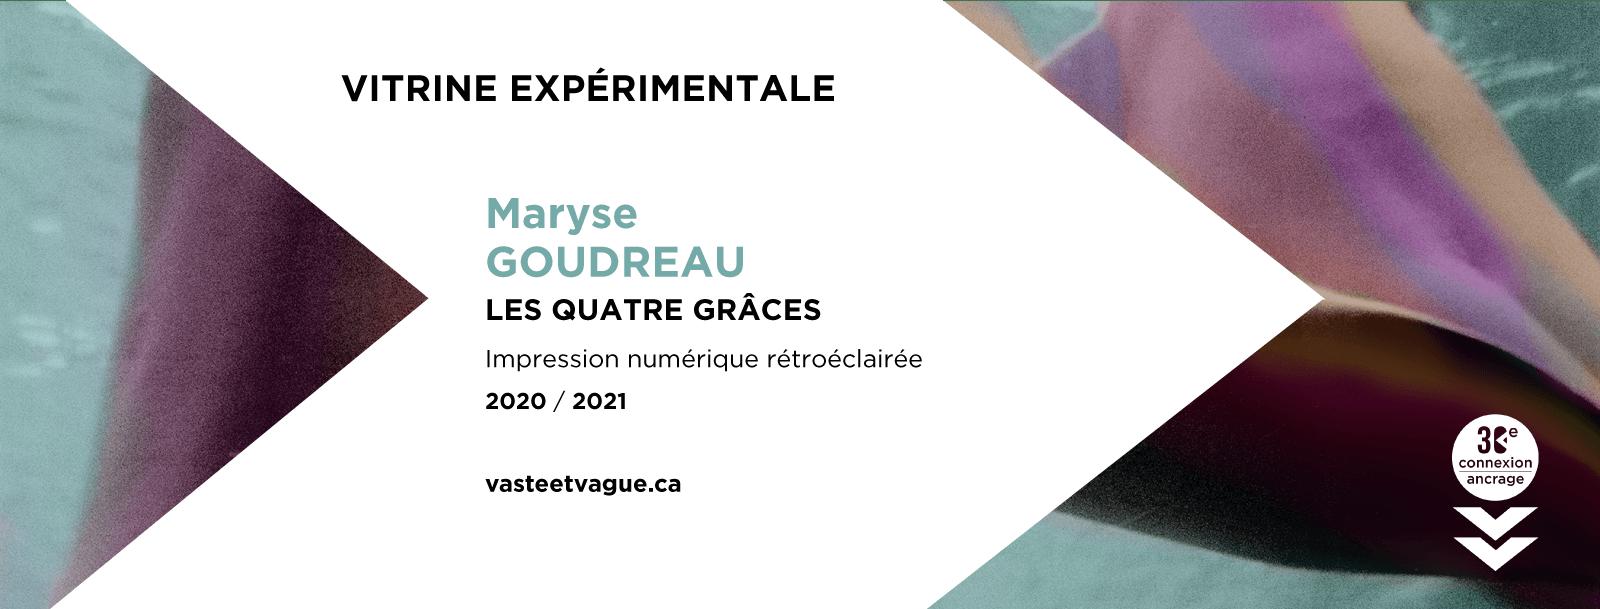 Maryse GOUDREAU | LES QUATRE GRÂCES | Vitrine expérimentale 2020-2021